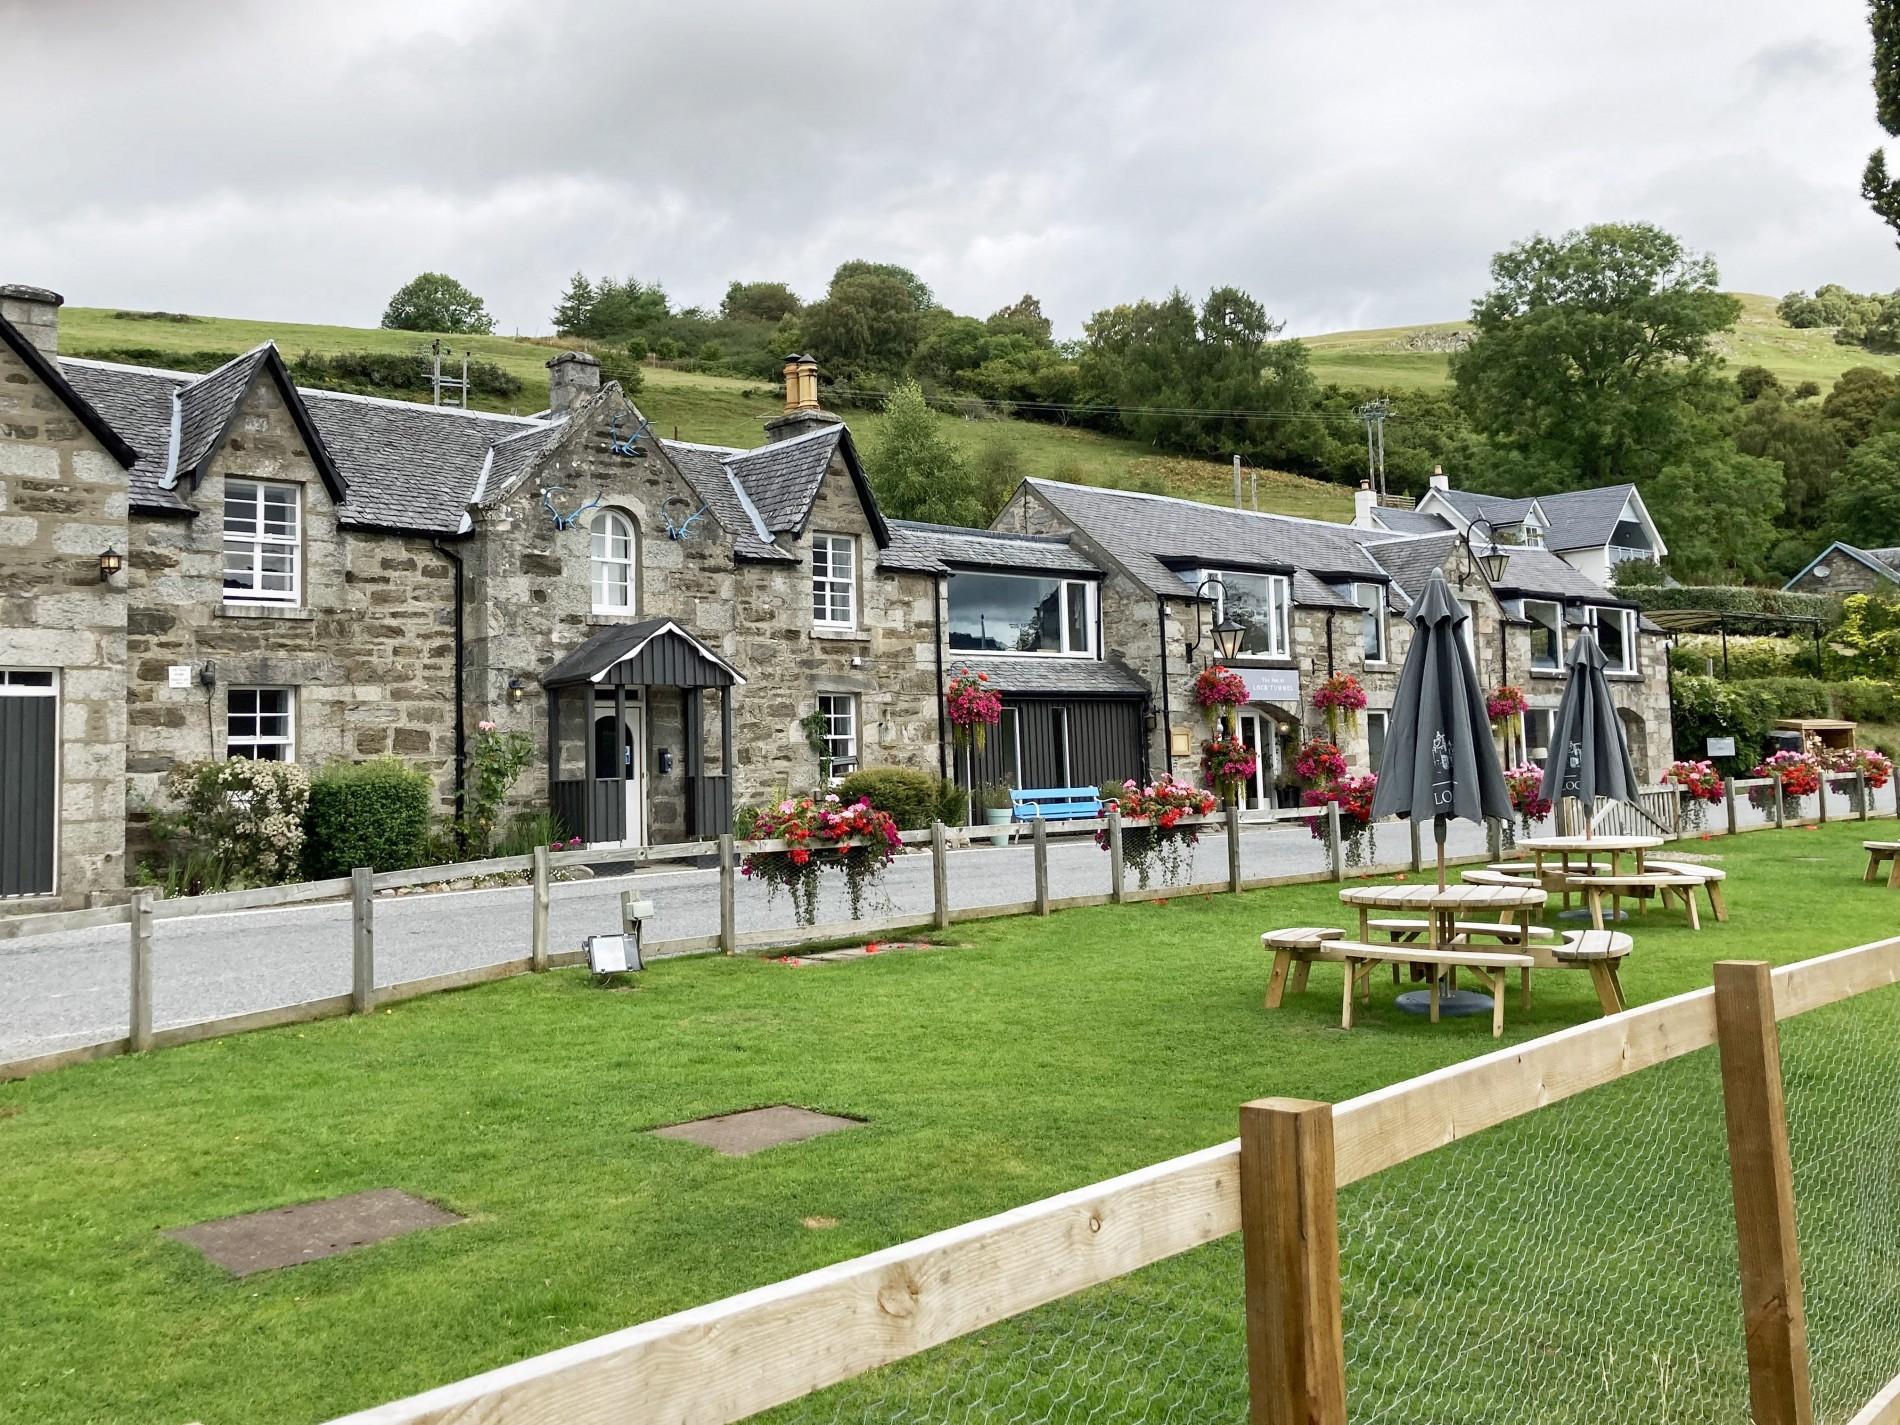 Inn at Loch Tummel Exterior Sept 21